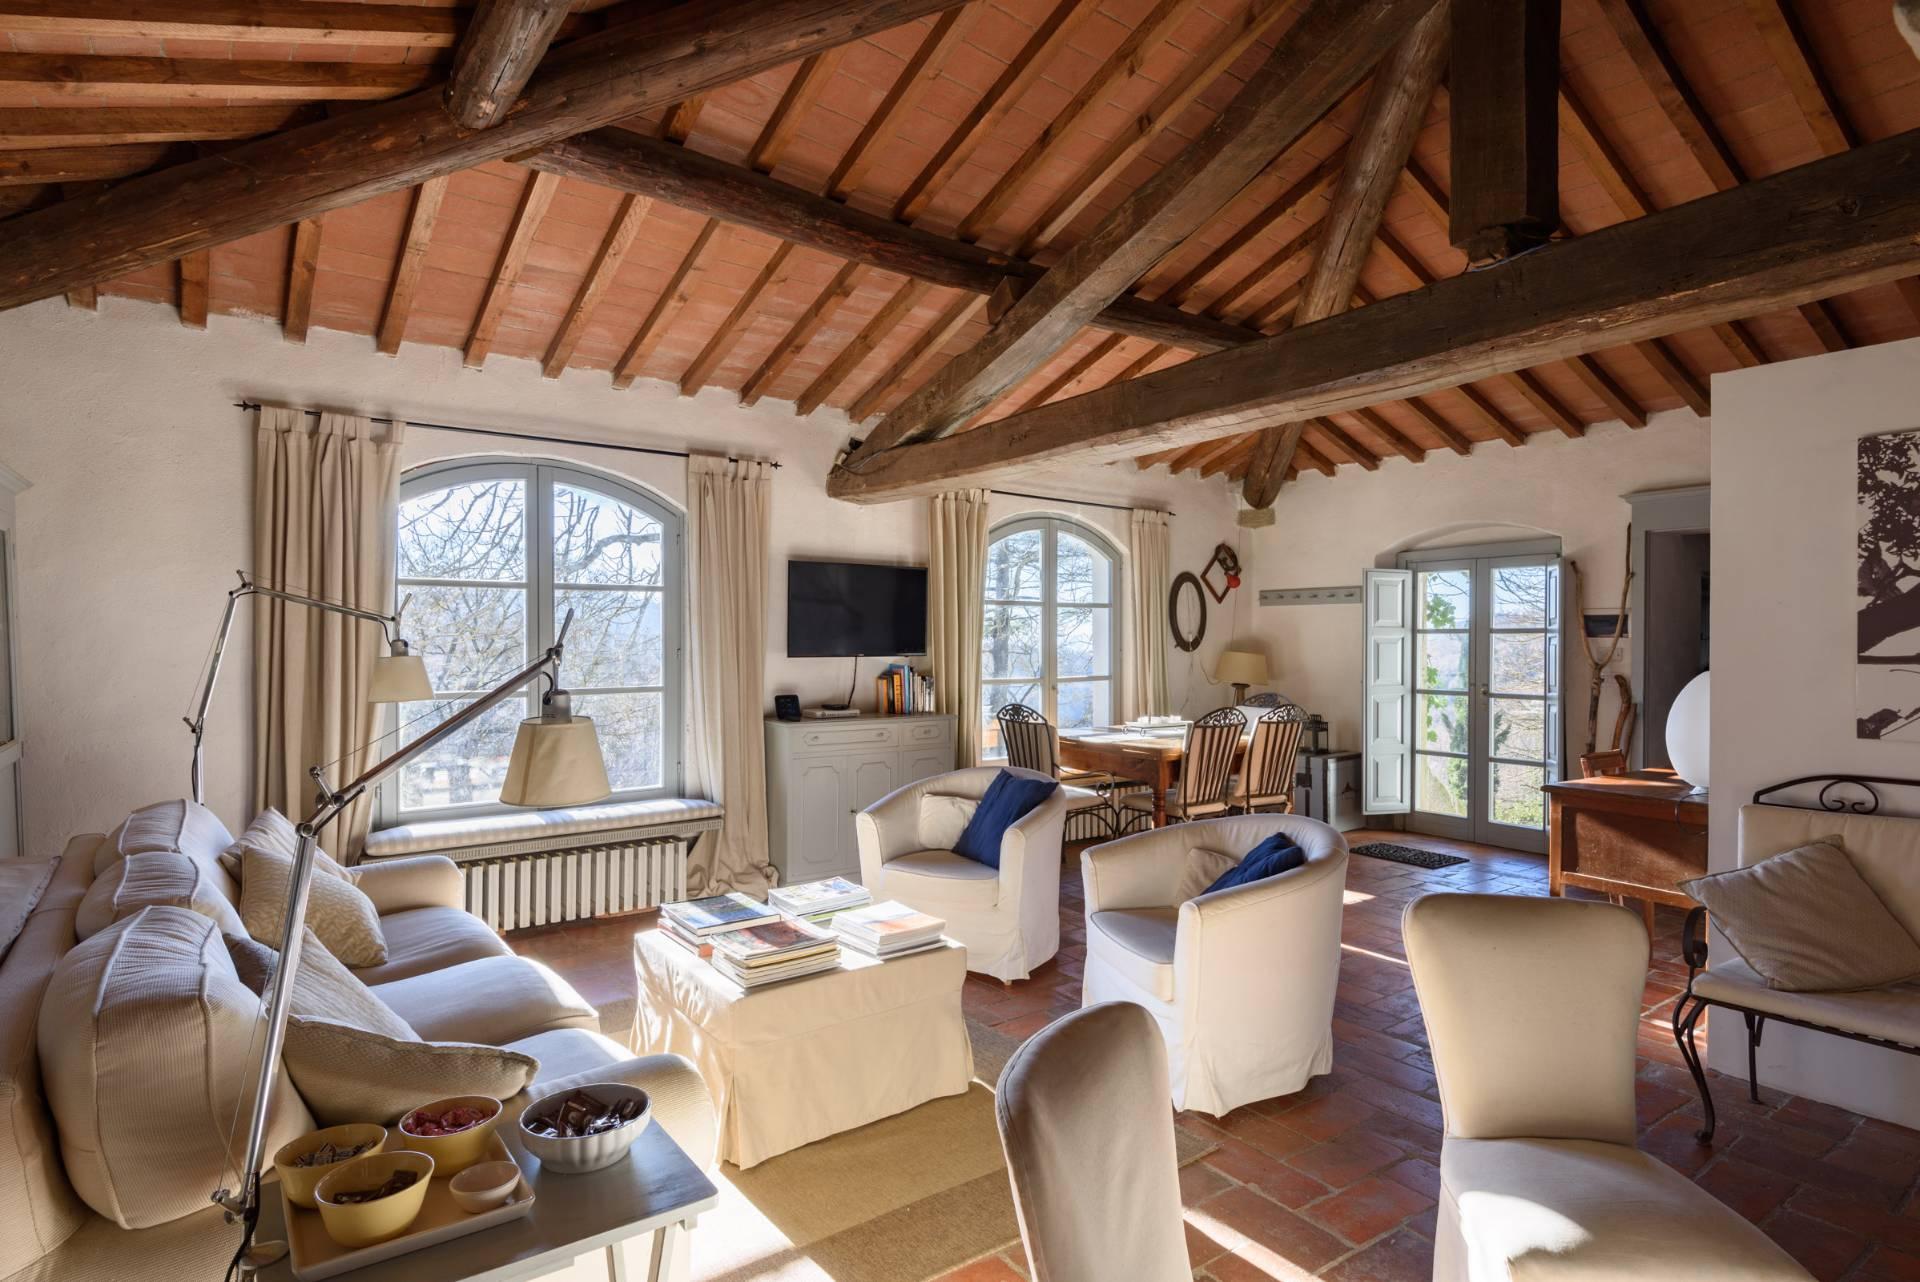 Appartamento in vendita a Anghiari, 4 locali, zona Zona: Scheggia, prezzo € 195.000 | CambioCasa.it